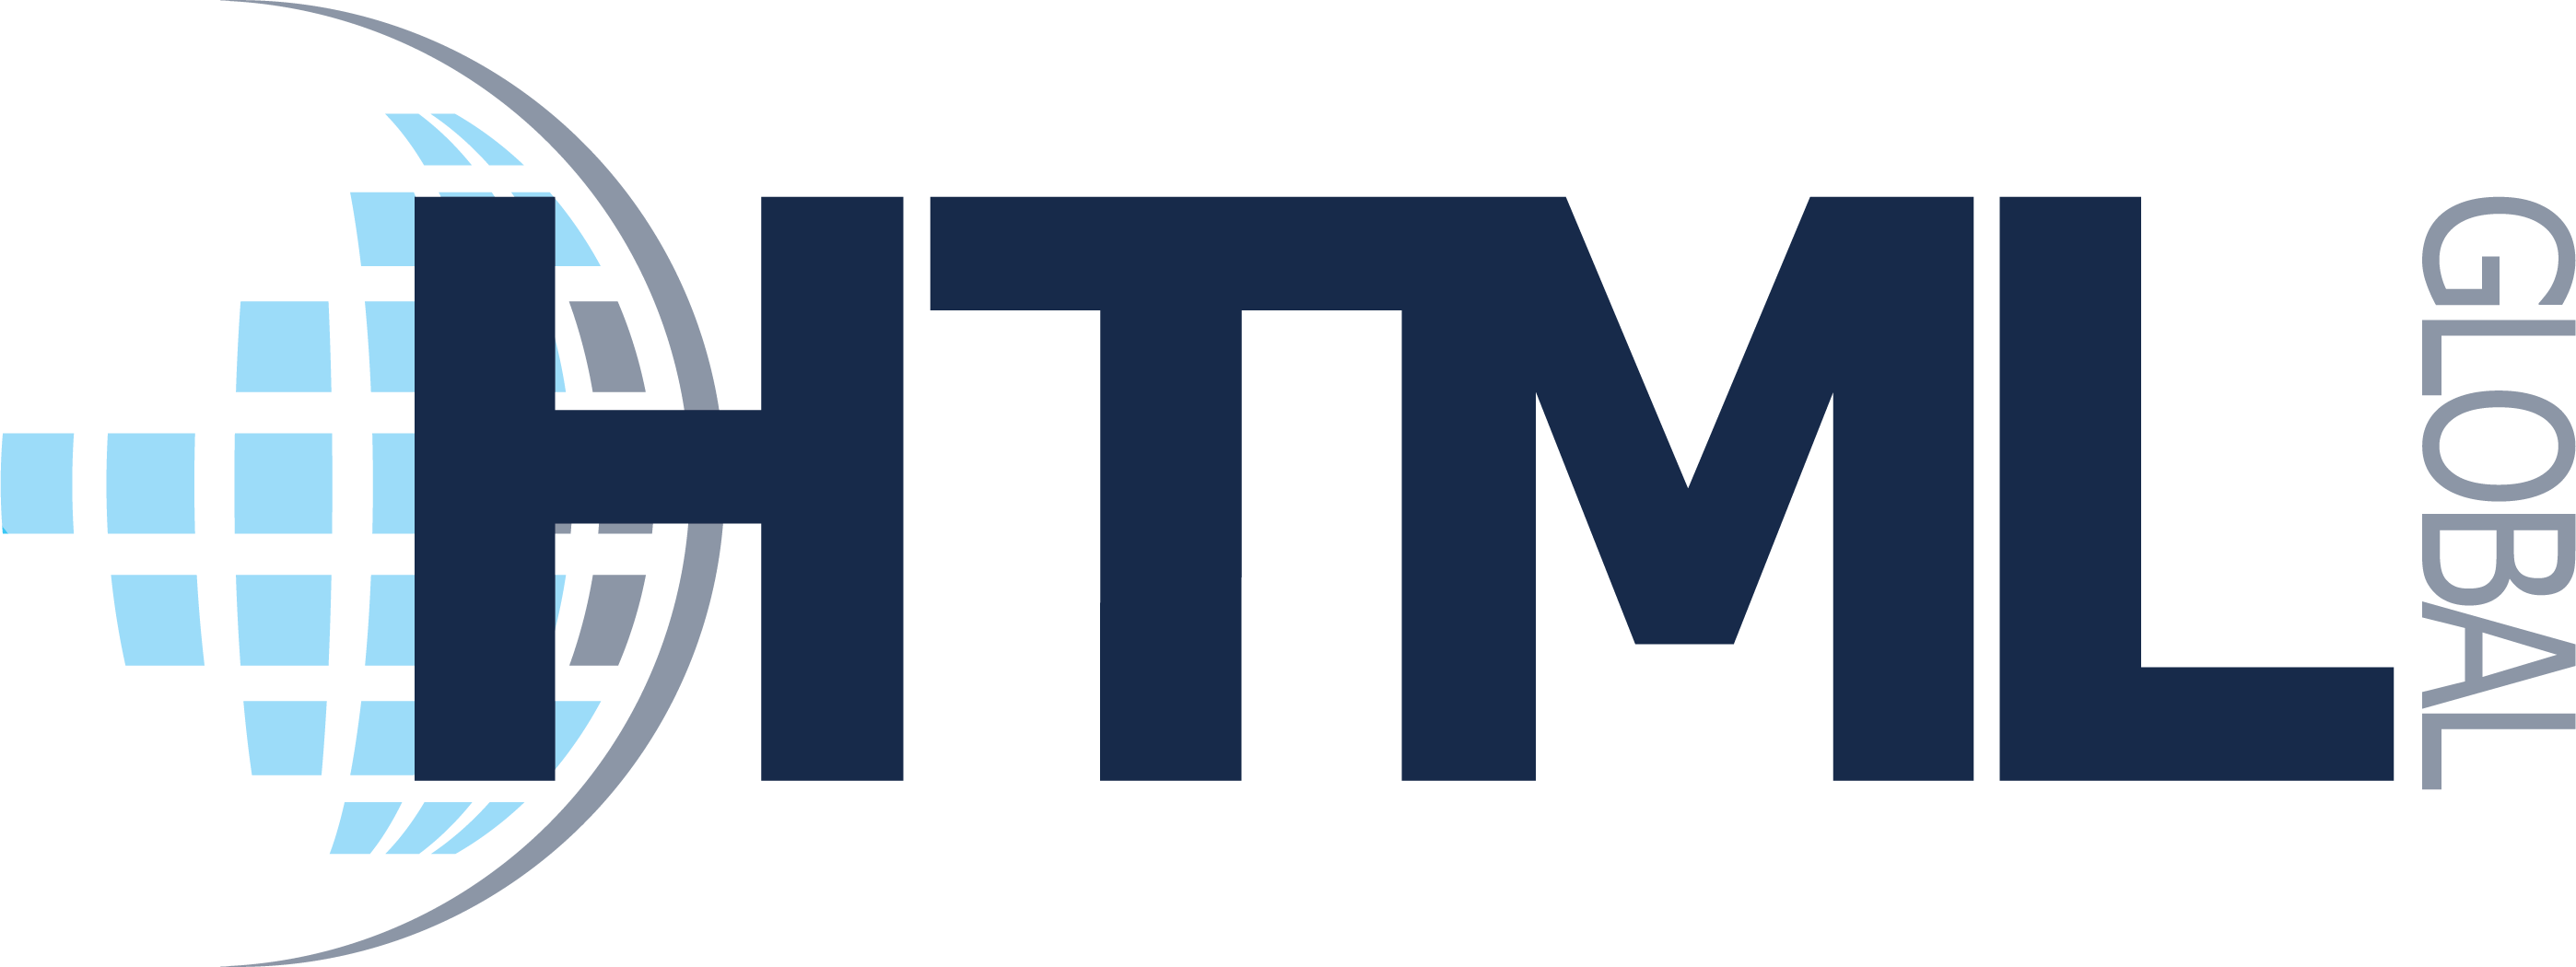 HTML Global Self Service